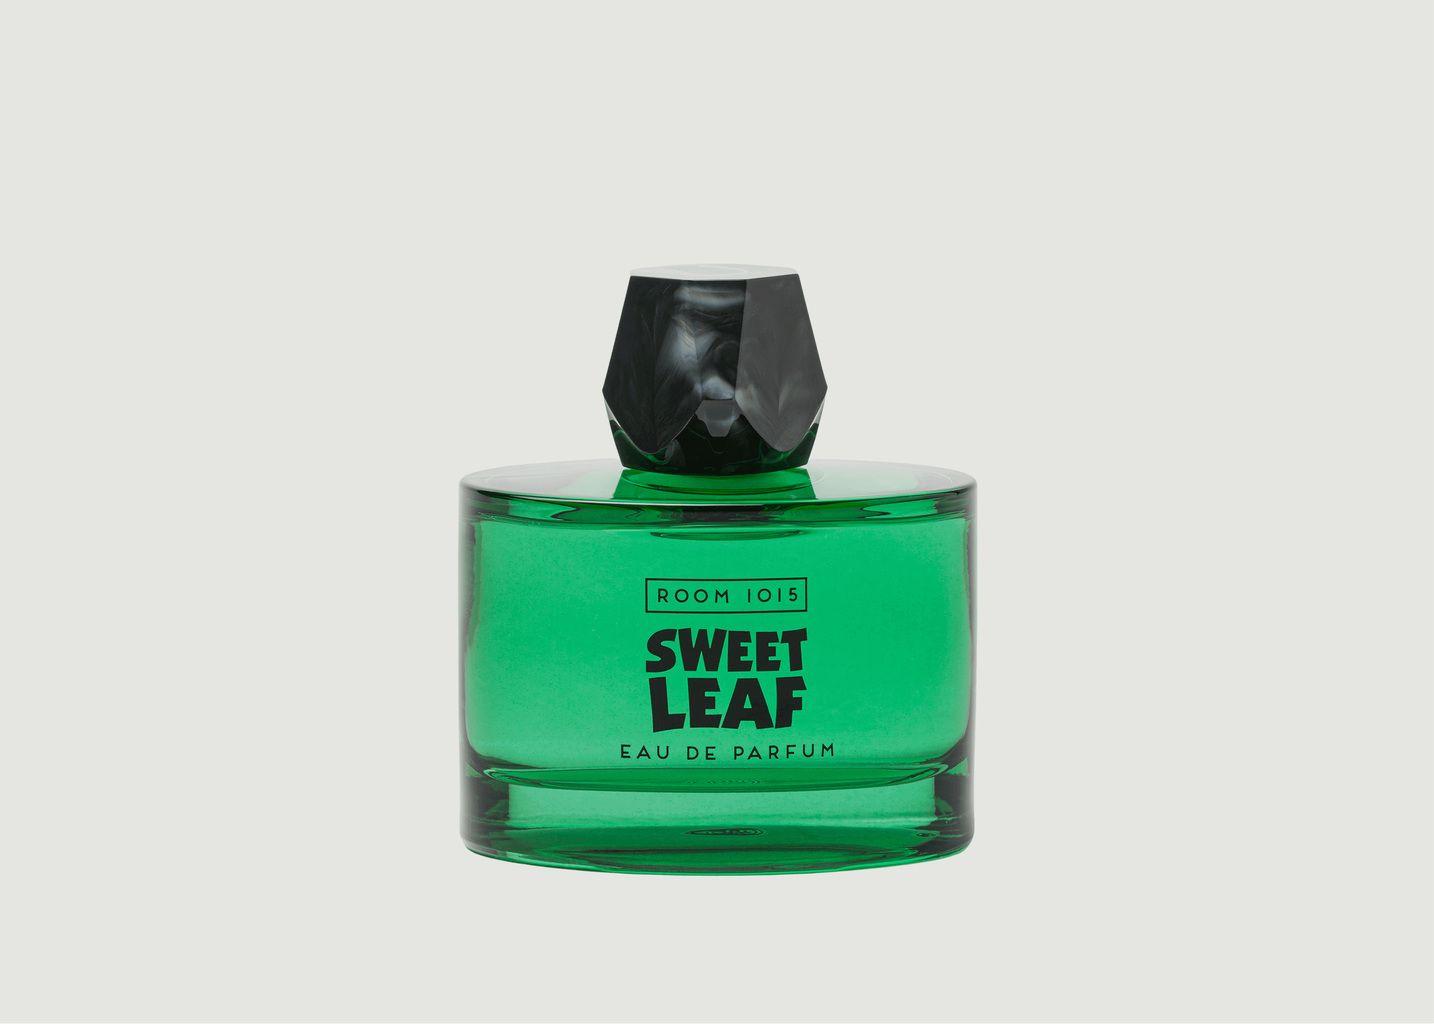 Parfum Sweet Leaf 100ml  - Room 1015